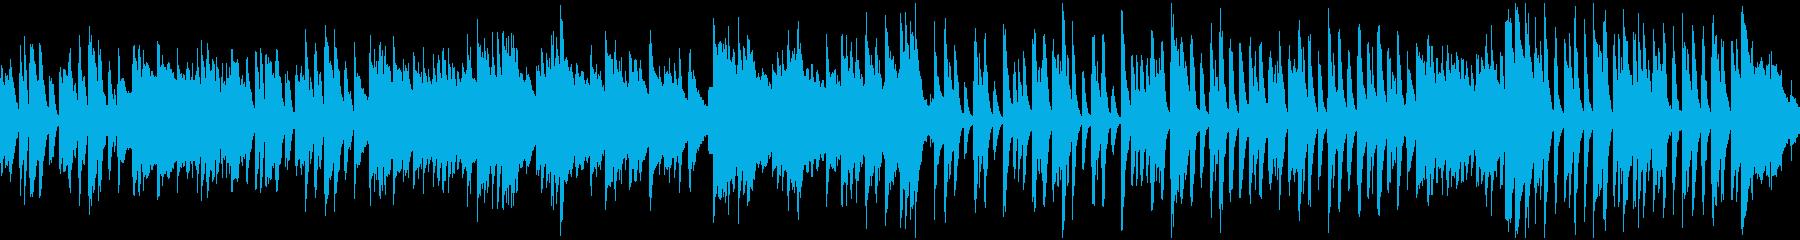 おしゃれなピアノワルツ(ループ)の再生済みの波形